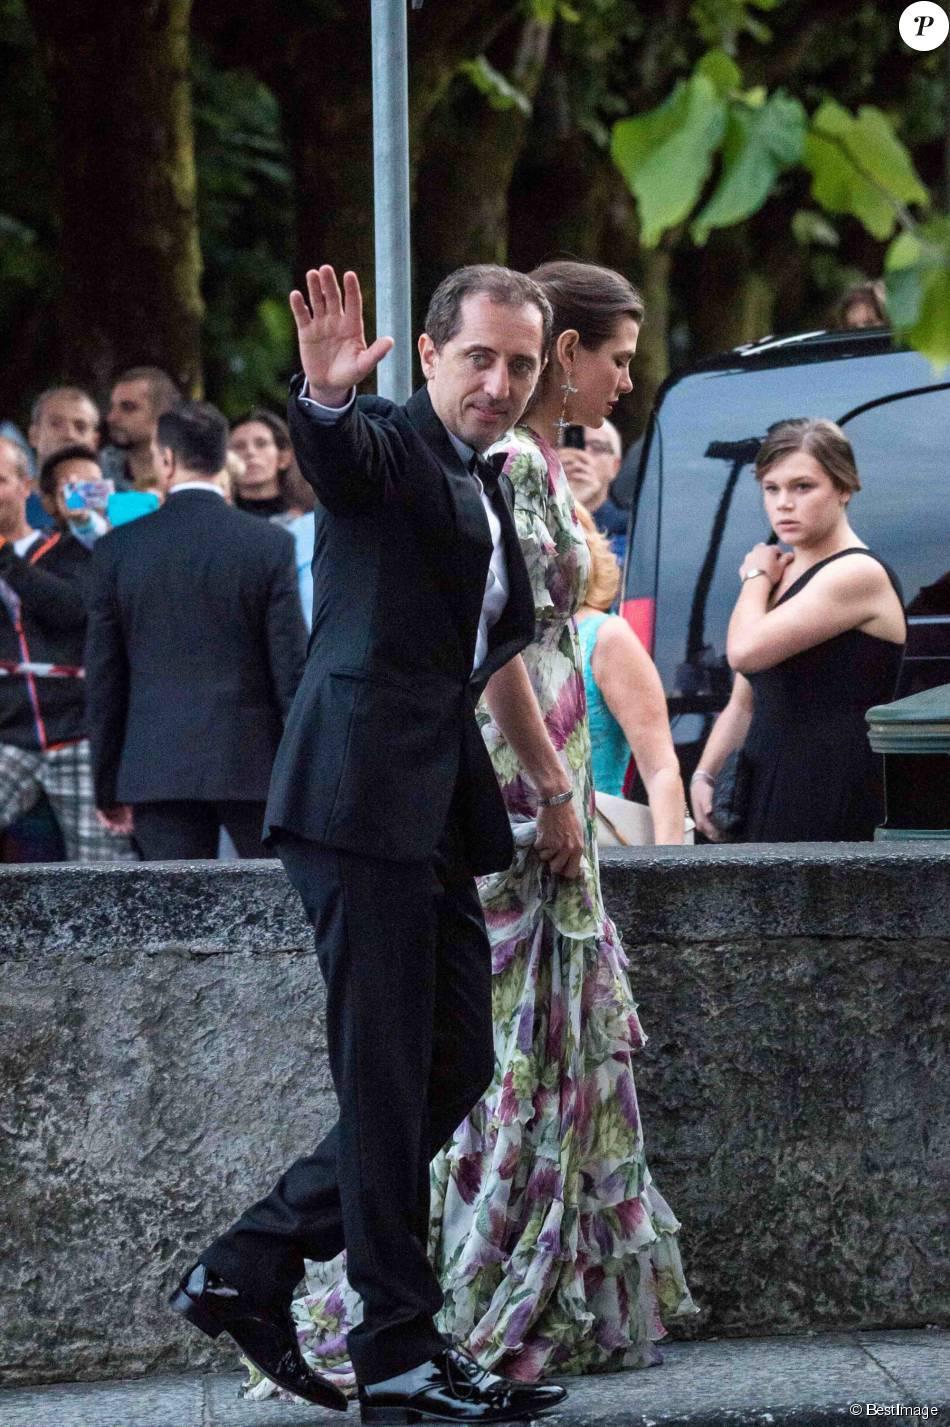 Charlotte Casiraghi et son compagnon Gad Elmaleh lors de la soirée de mariage de Pierre Casiraghi et Beatrice Borromeo au château Rocca Angera à Angera sur les Iles Borromées, sur le Lac Majeur, le 1er août 2015